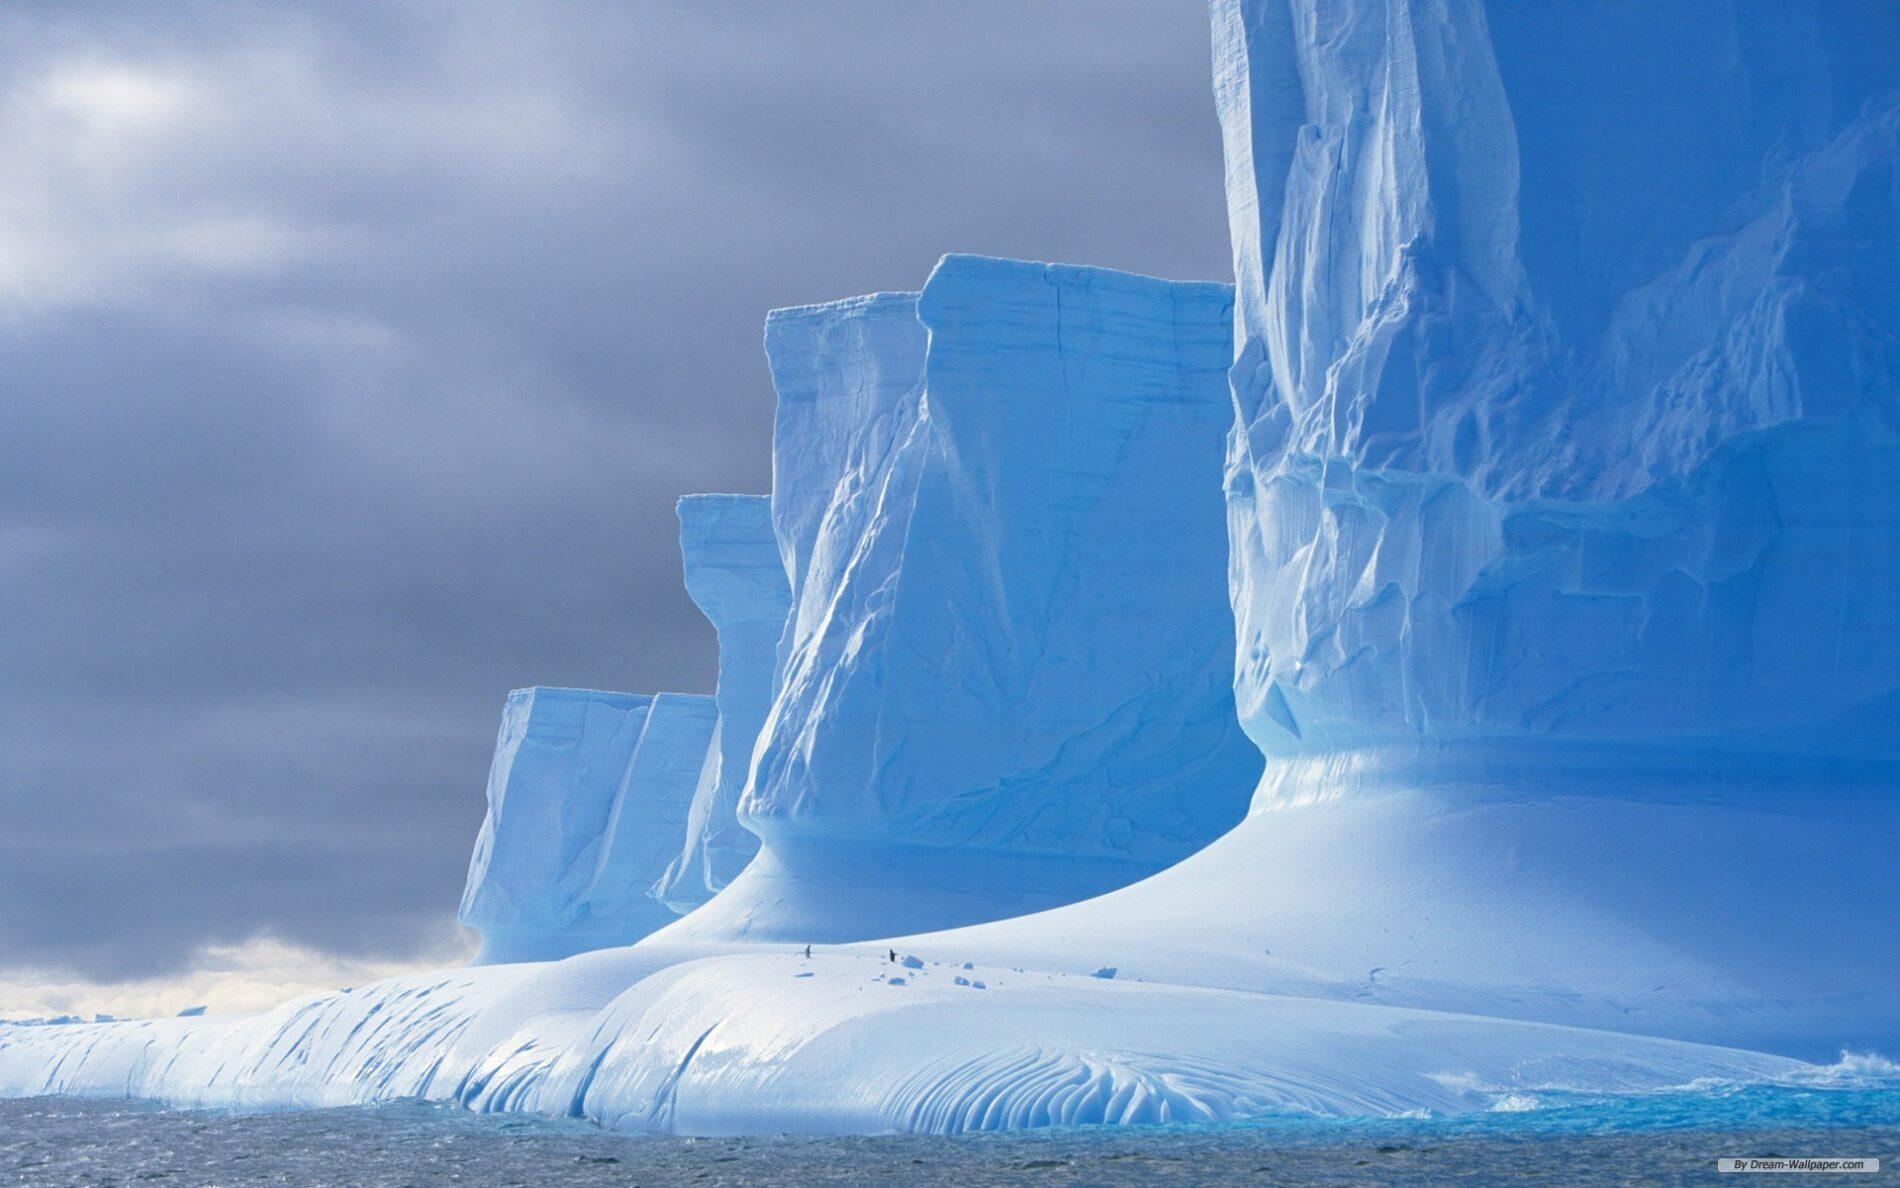 ледник айсберг цветы бесплатно